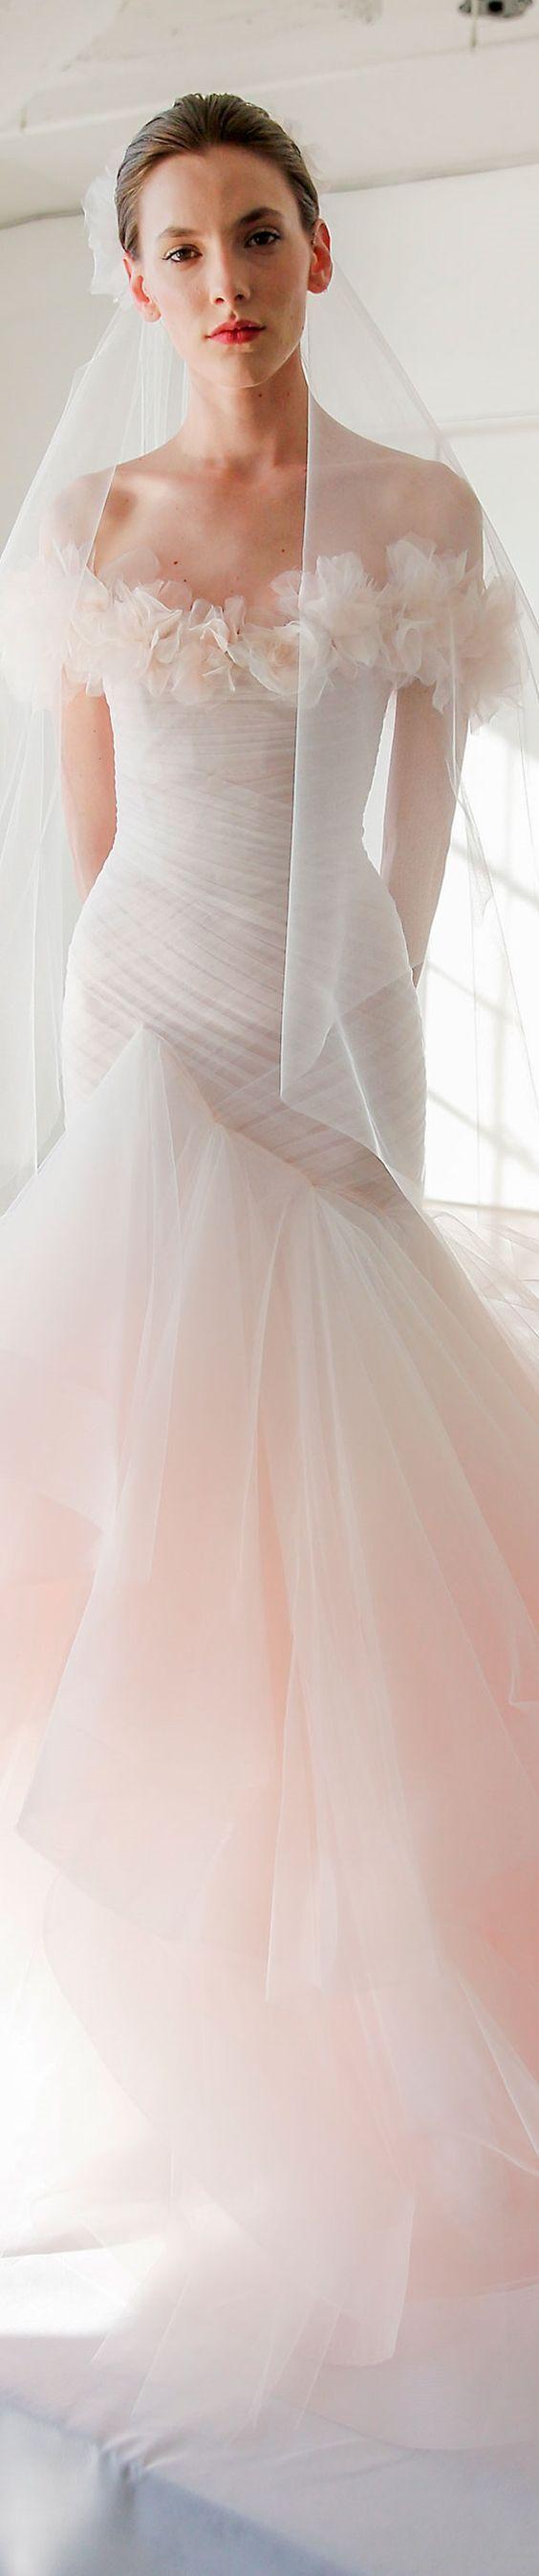 Wunderbar Mark Zunino Brautkleid Zeitgenössisch - Brautkleider Ideen ...